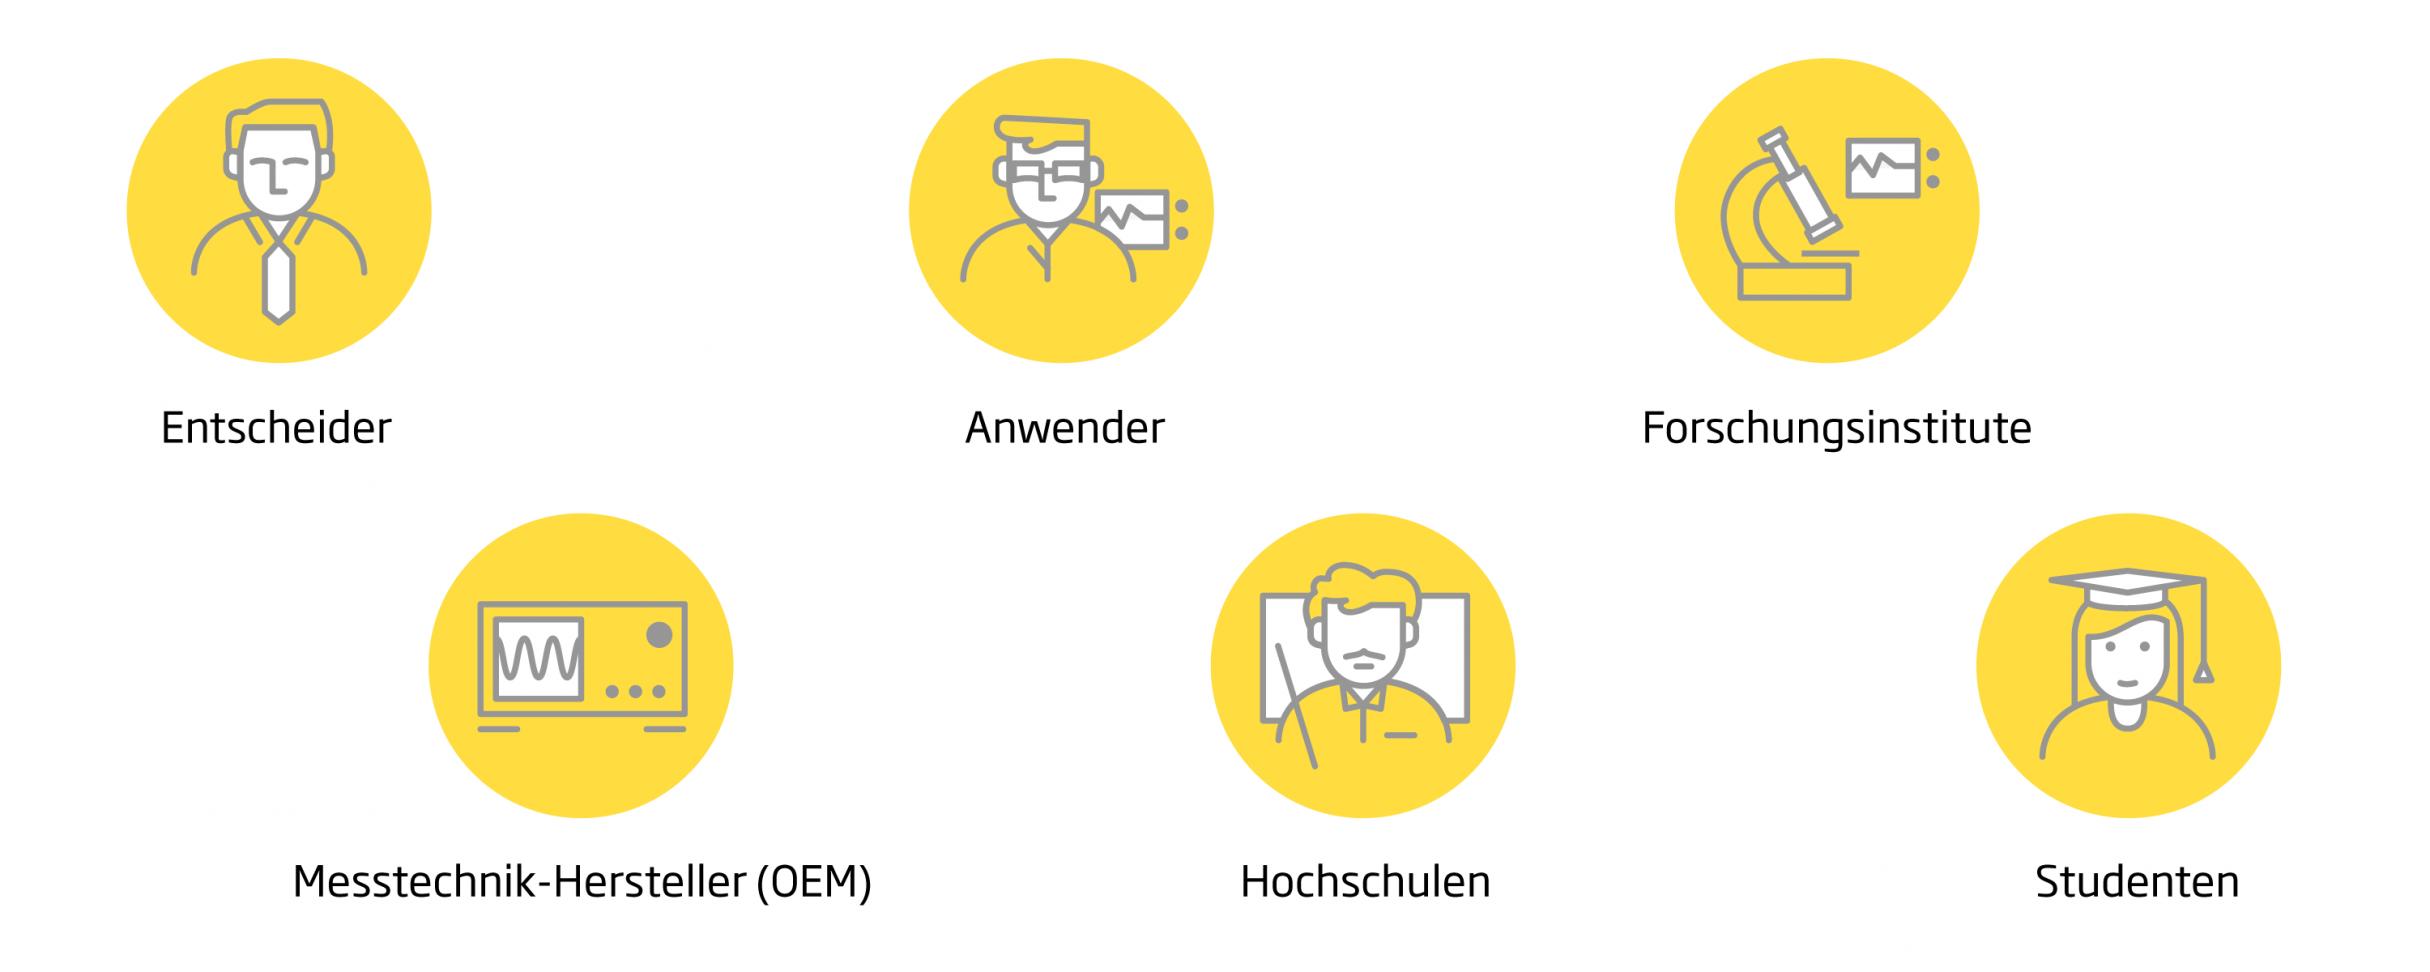 Icon Design für Weisang: DIE NEUDENKER® Webdesign Agentur, Darmstadt